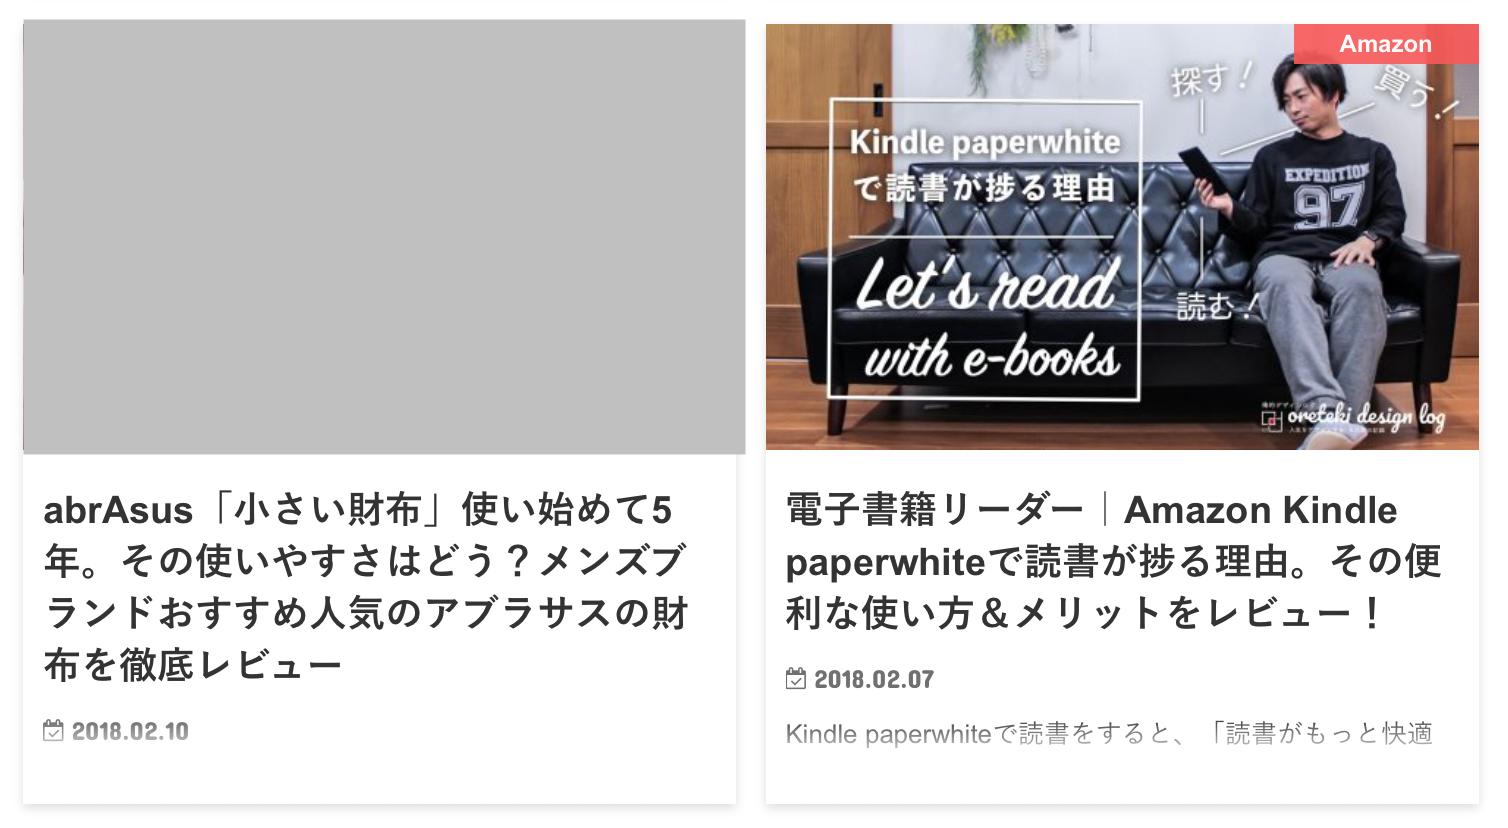 ブログ記事アイキャッチ画像設定未設定を比較した画像